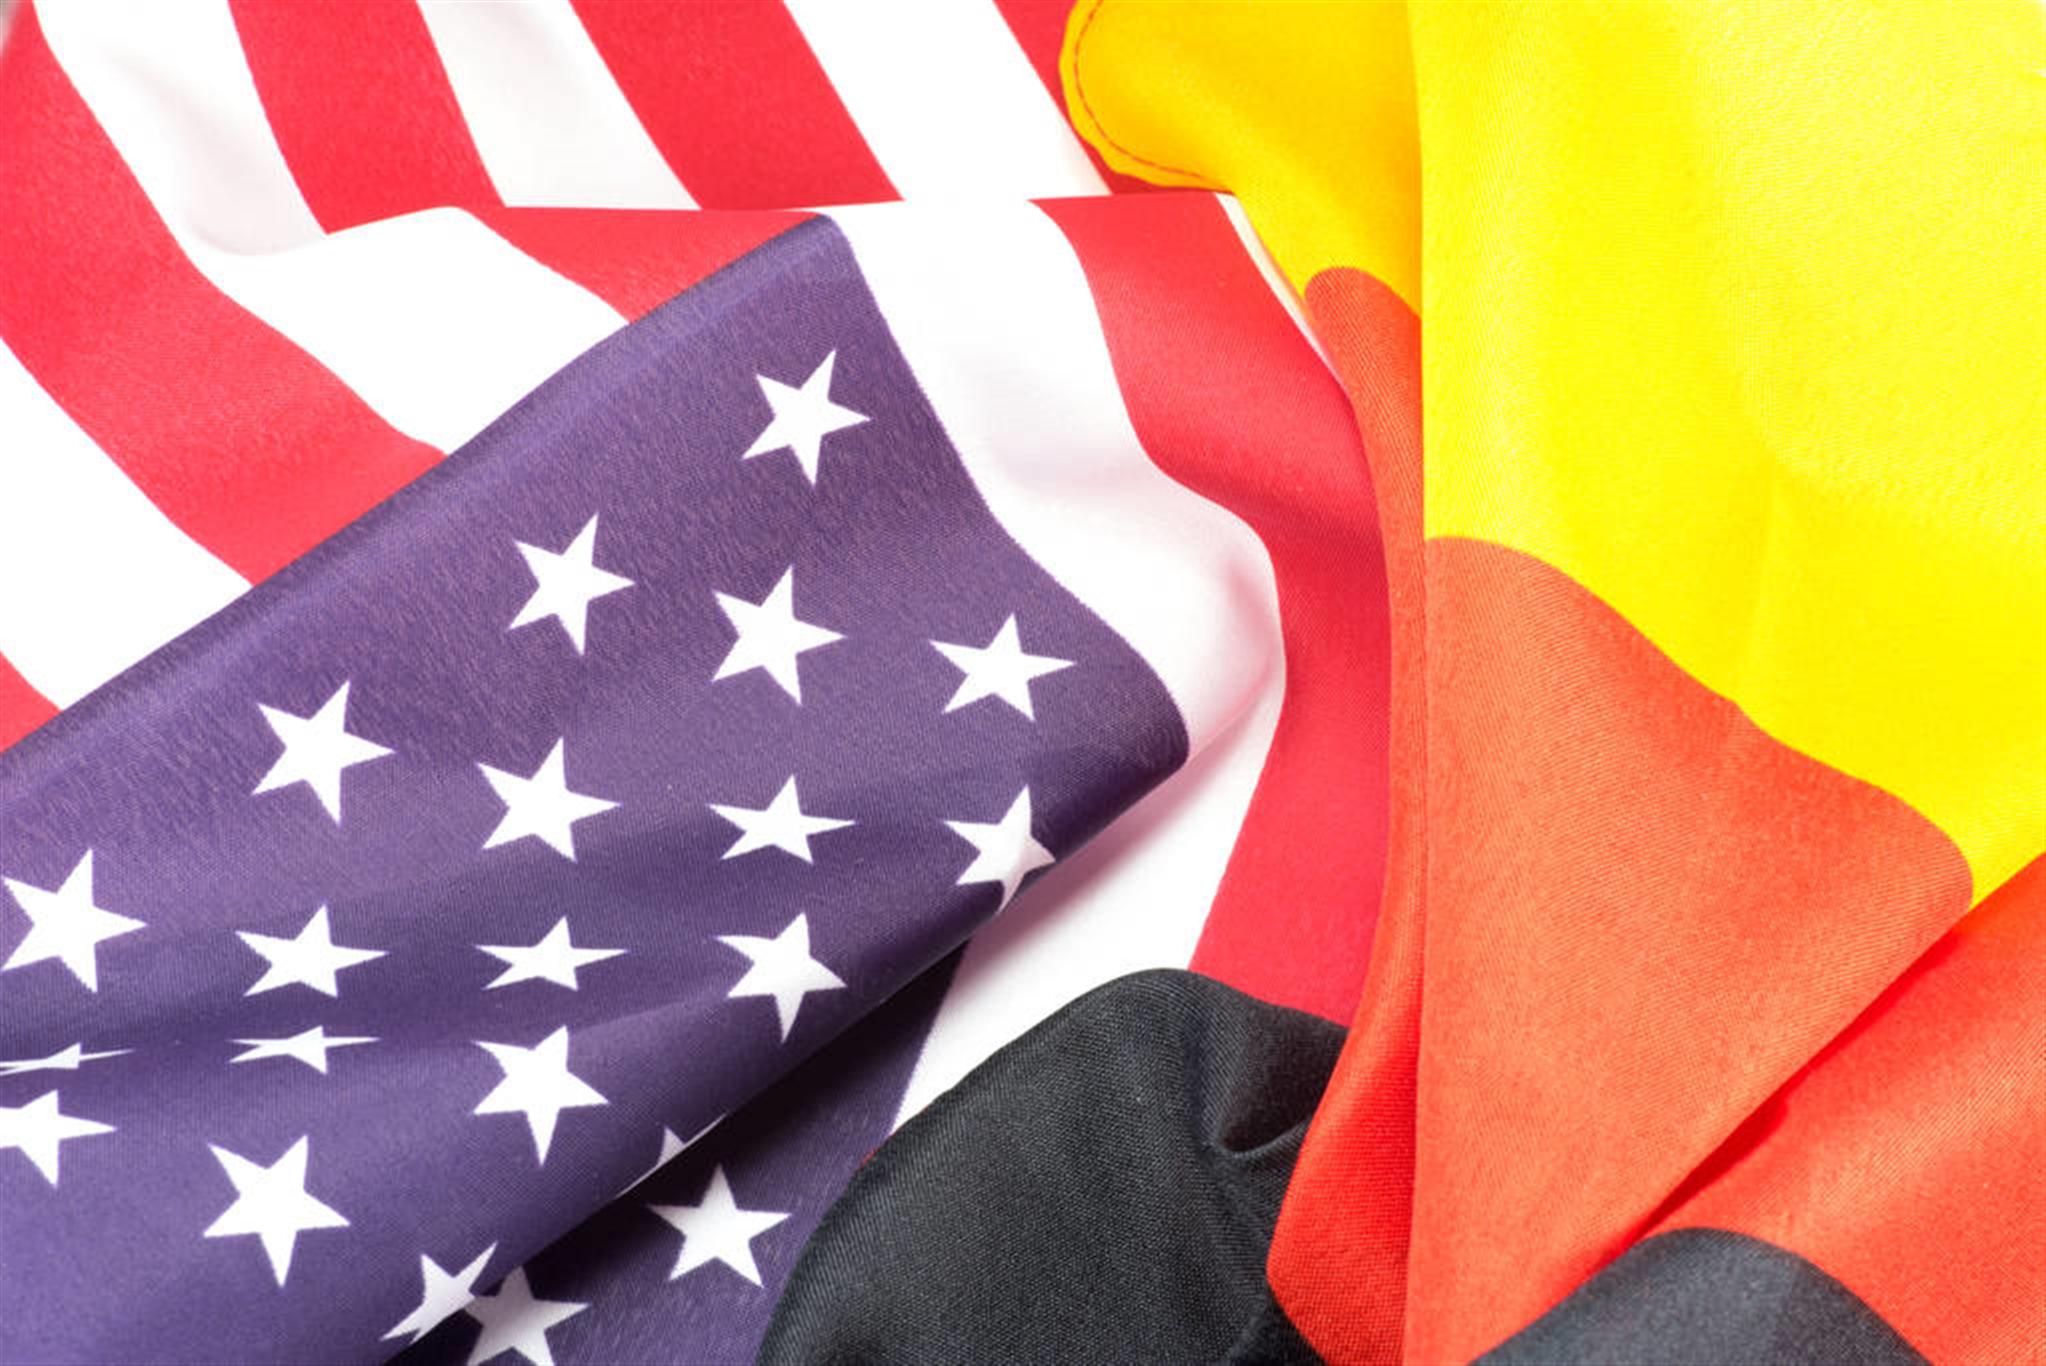 美国最怕哪个国家 中国最好关系国家排名